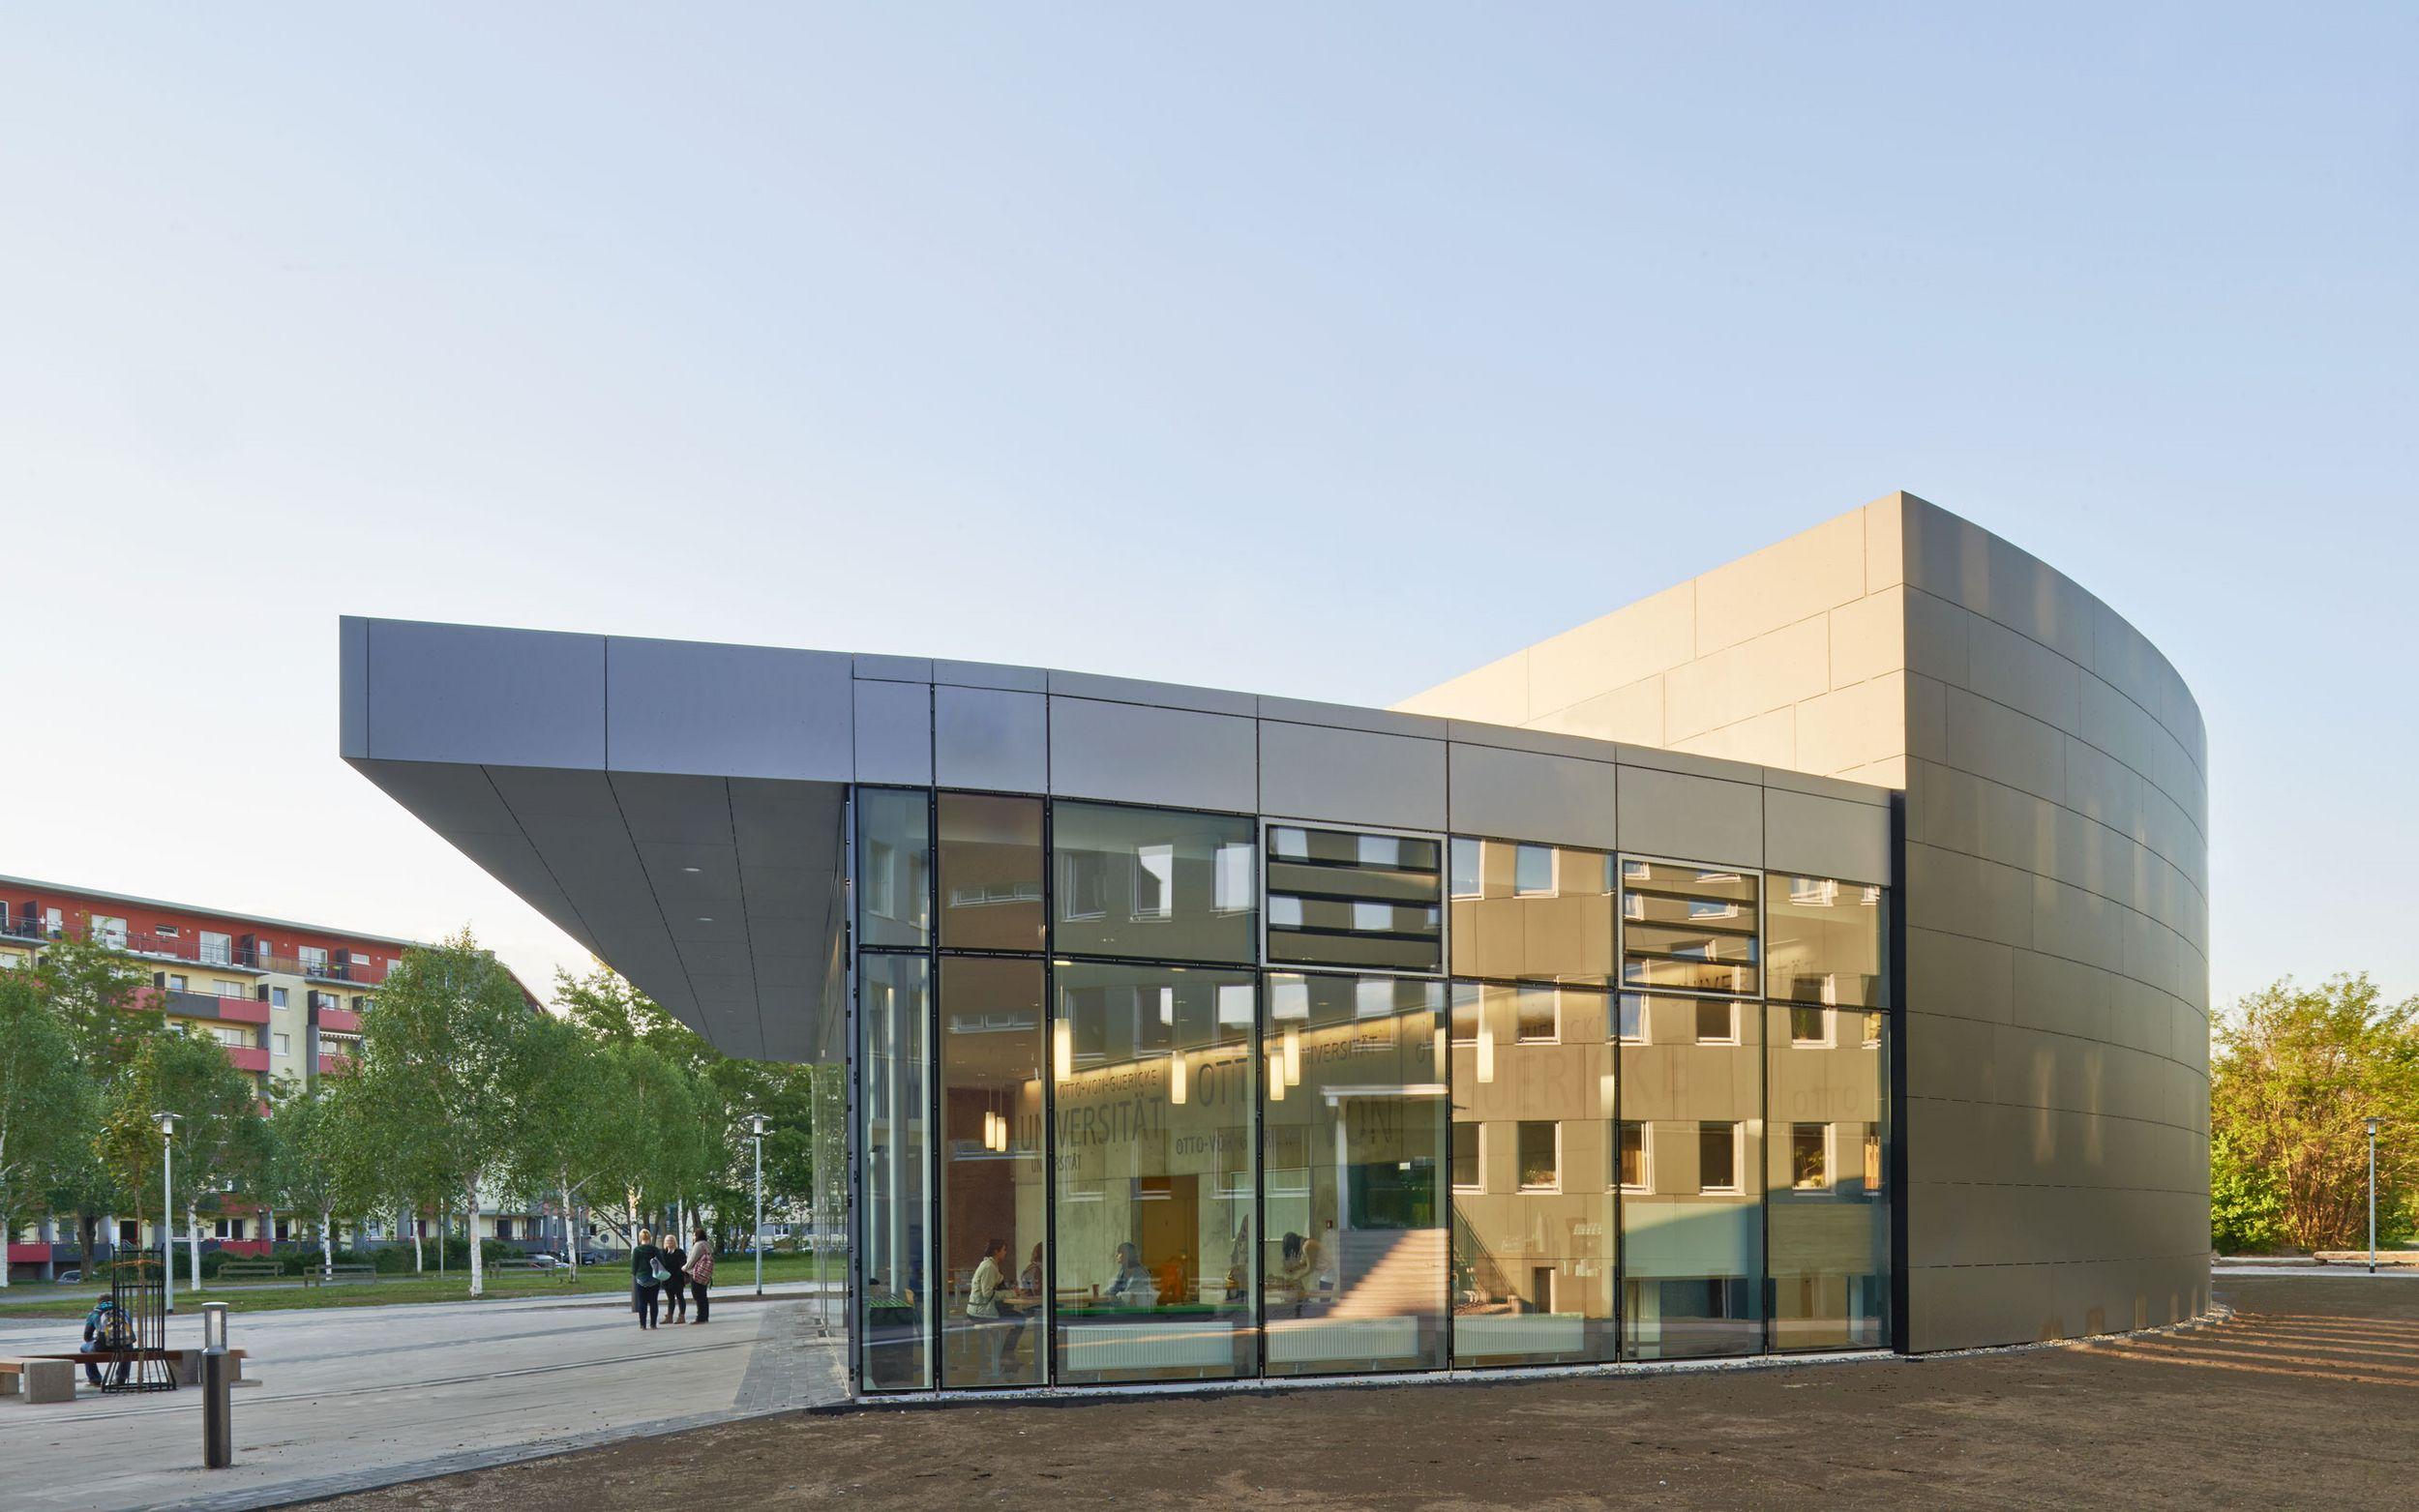 Architektur Magdeburg otto guerike md